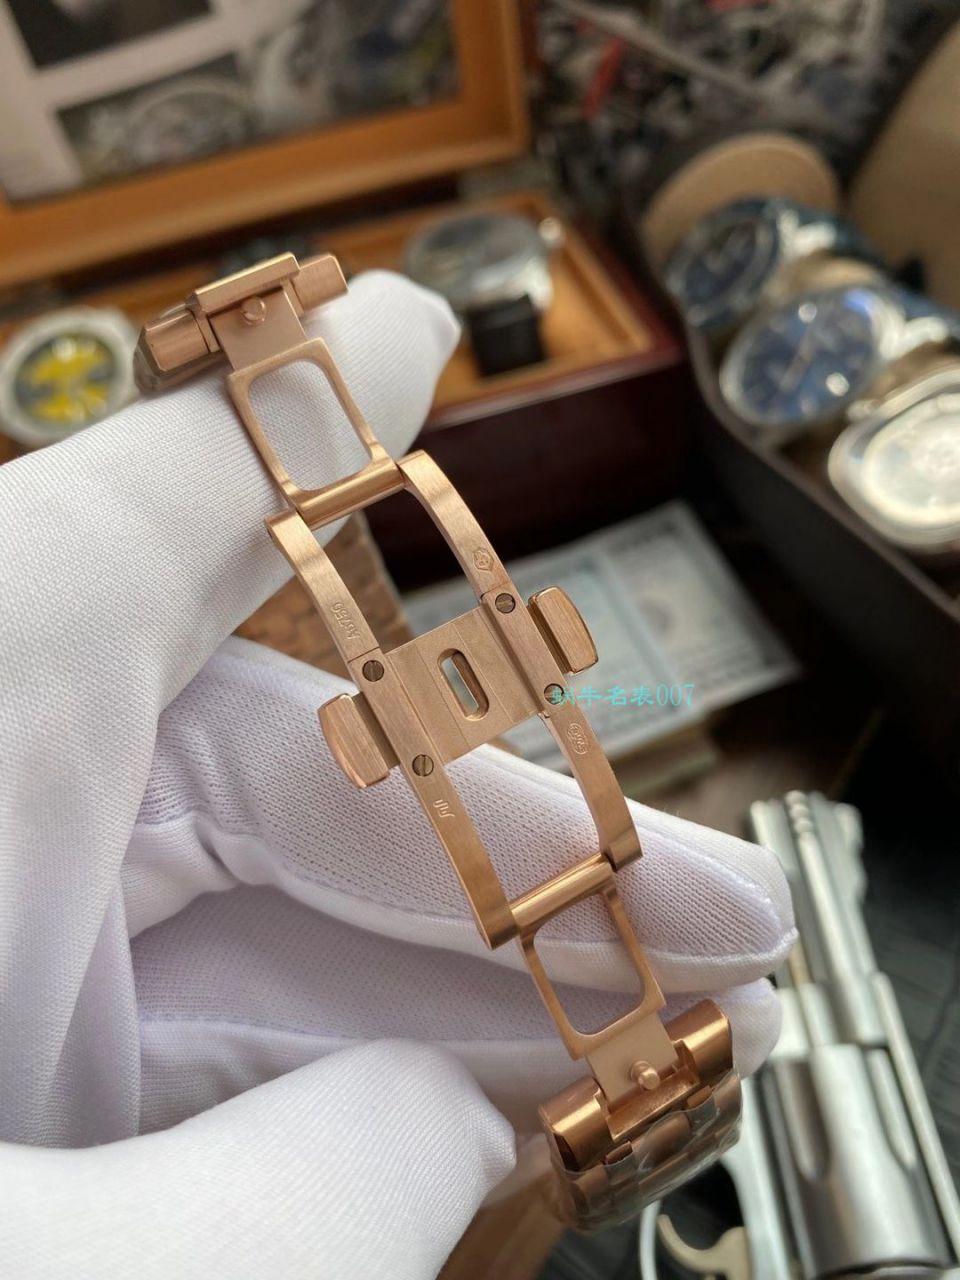 JF厂AP爱彼皇家橡树离岸型1比1精仿手表26470OR.OO.1000OR.03腕表 / AP217